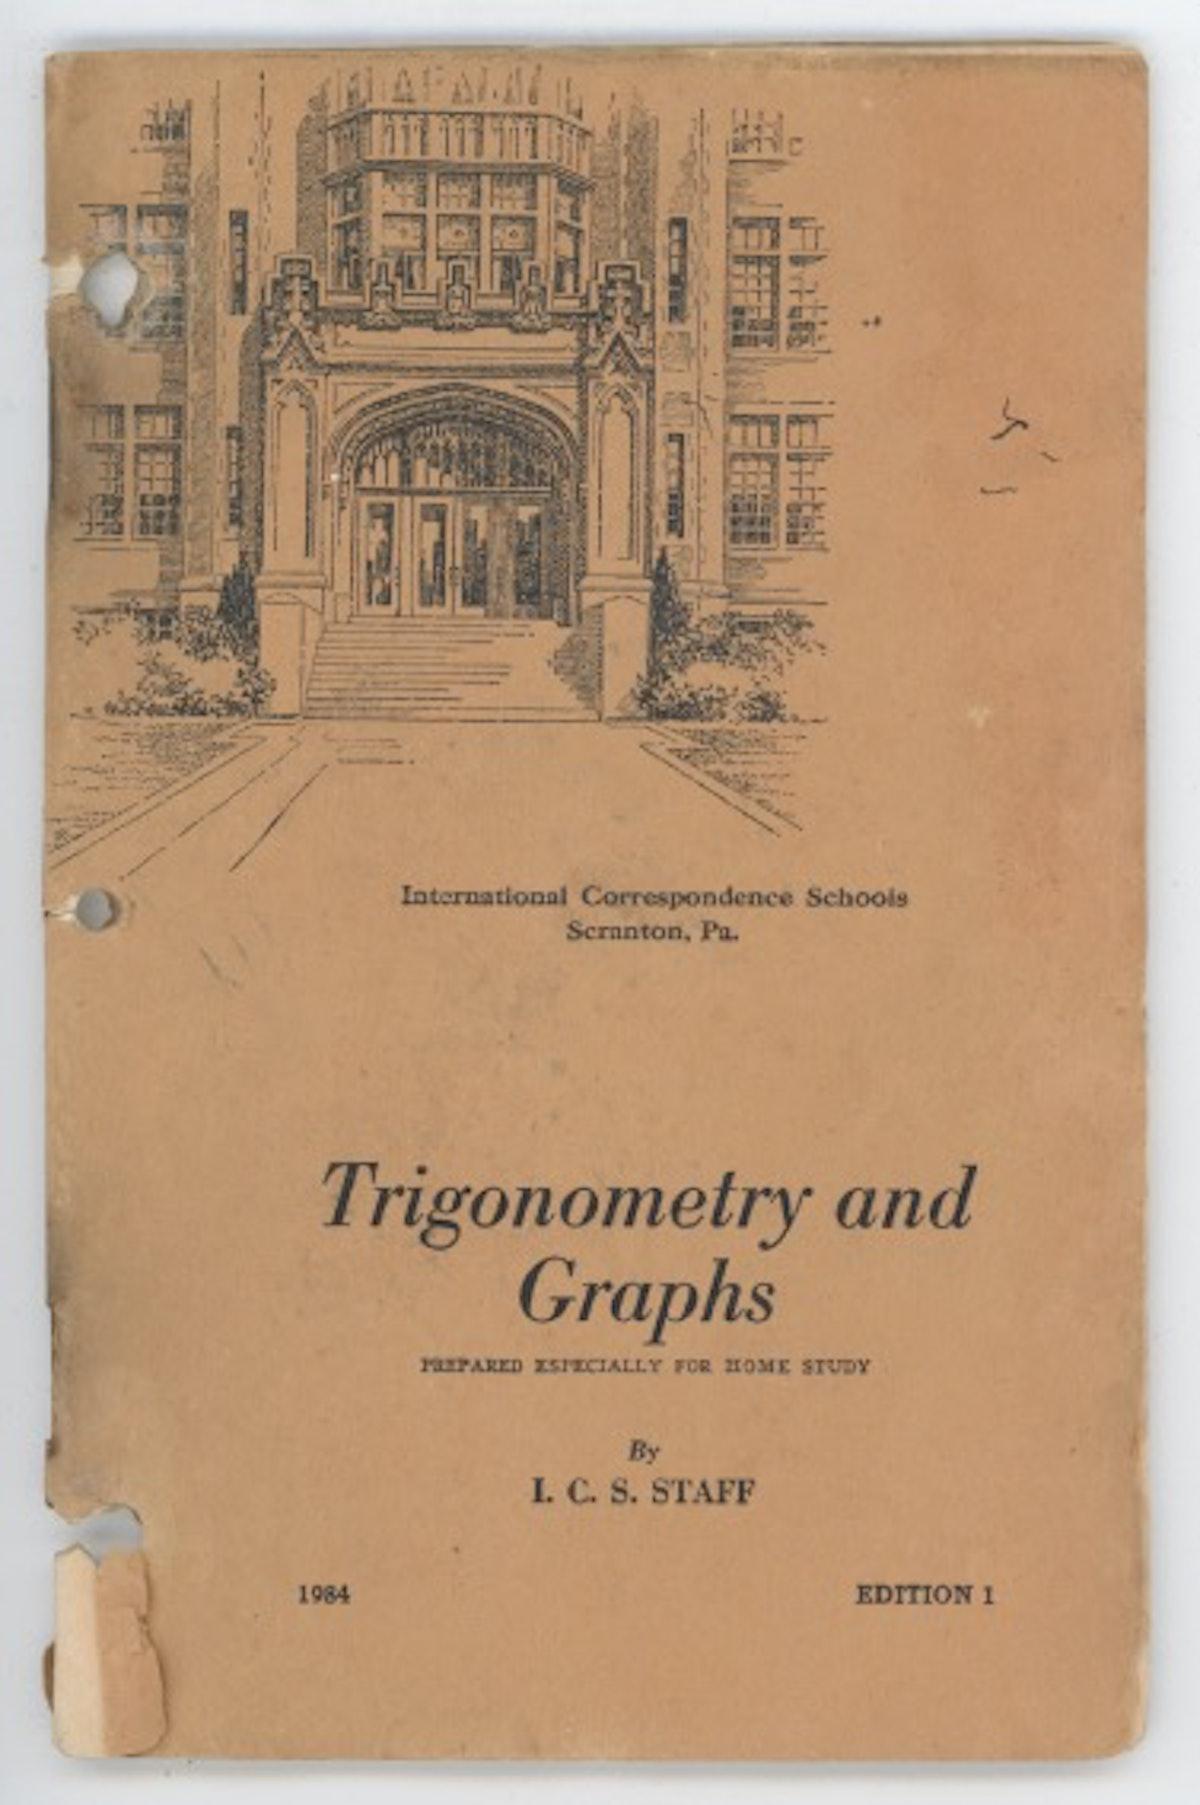 Trigonometry and Graphs